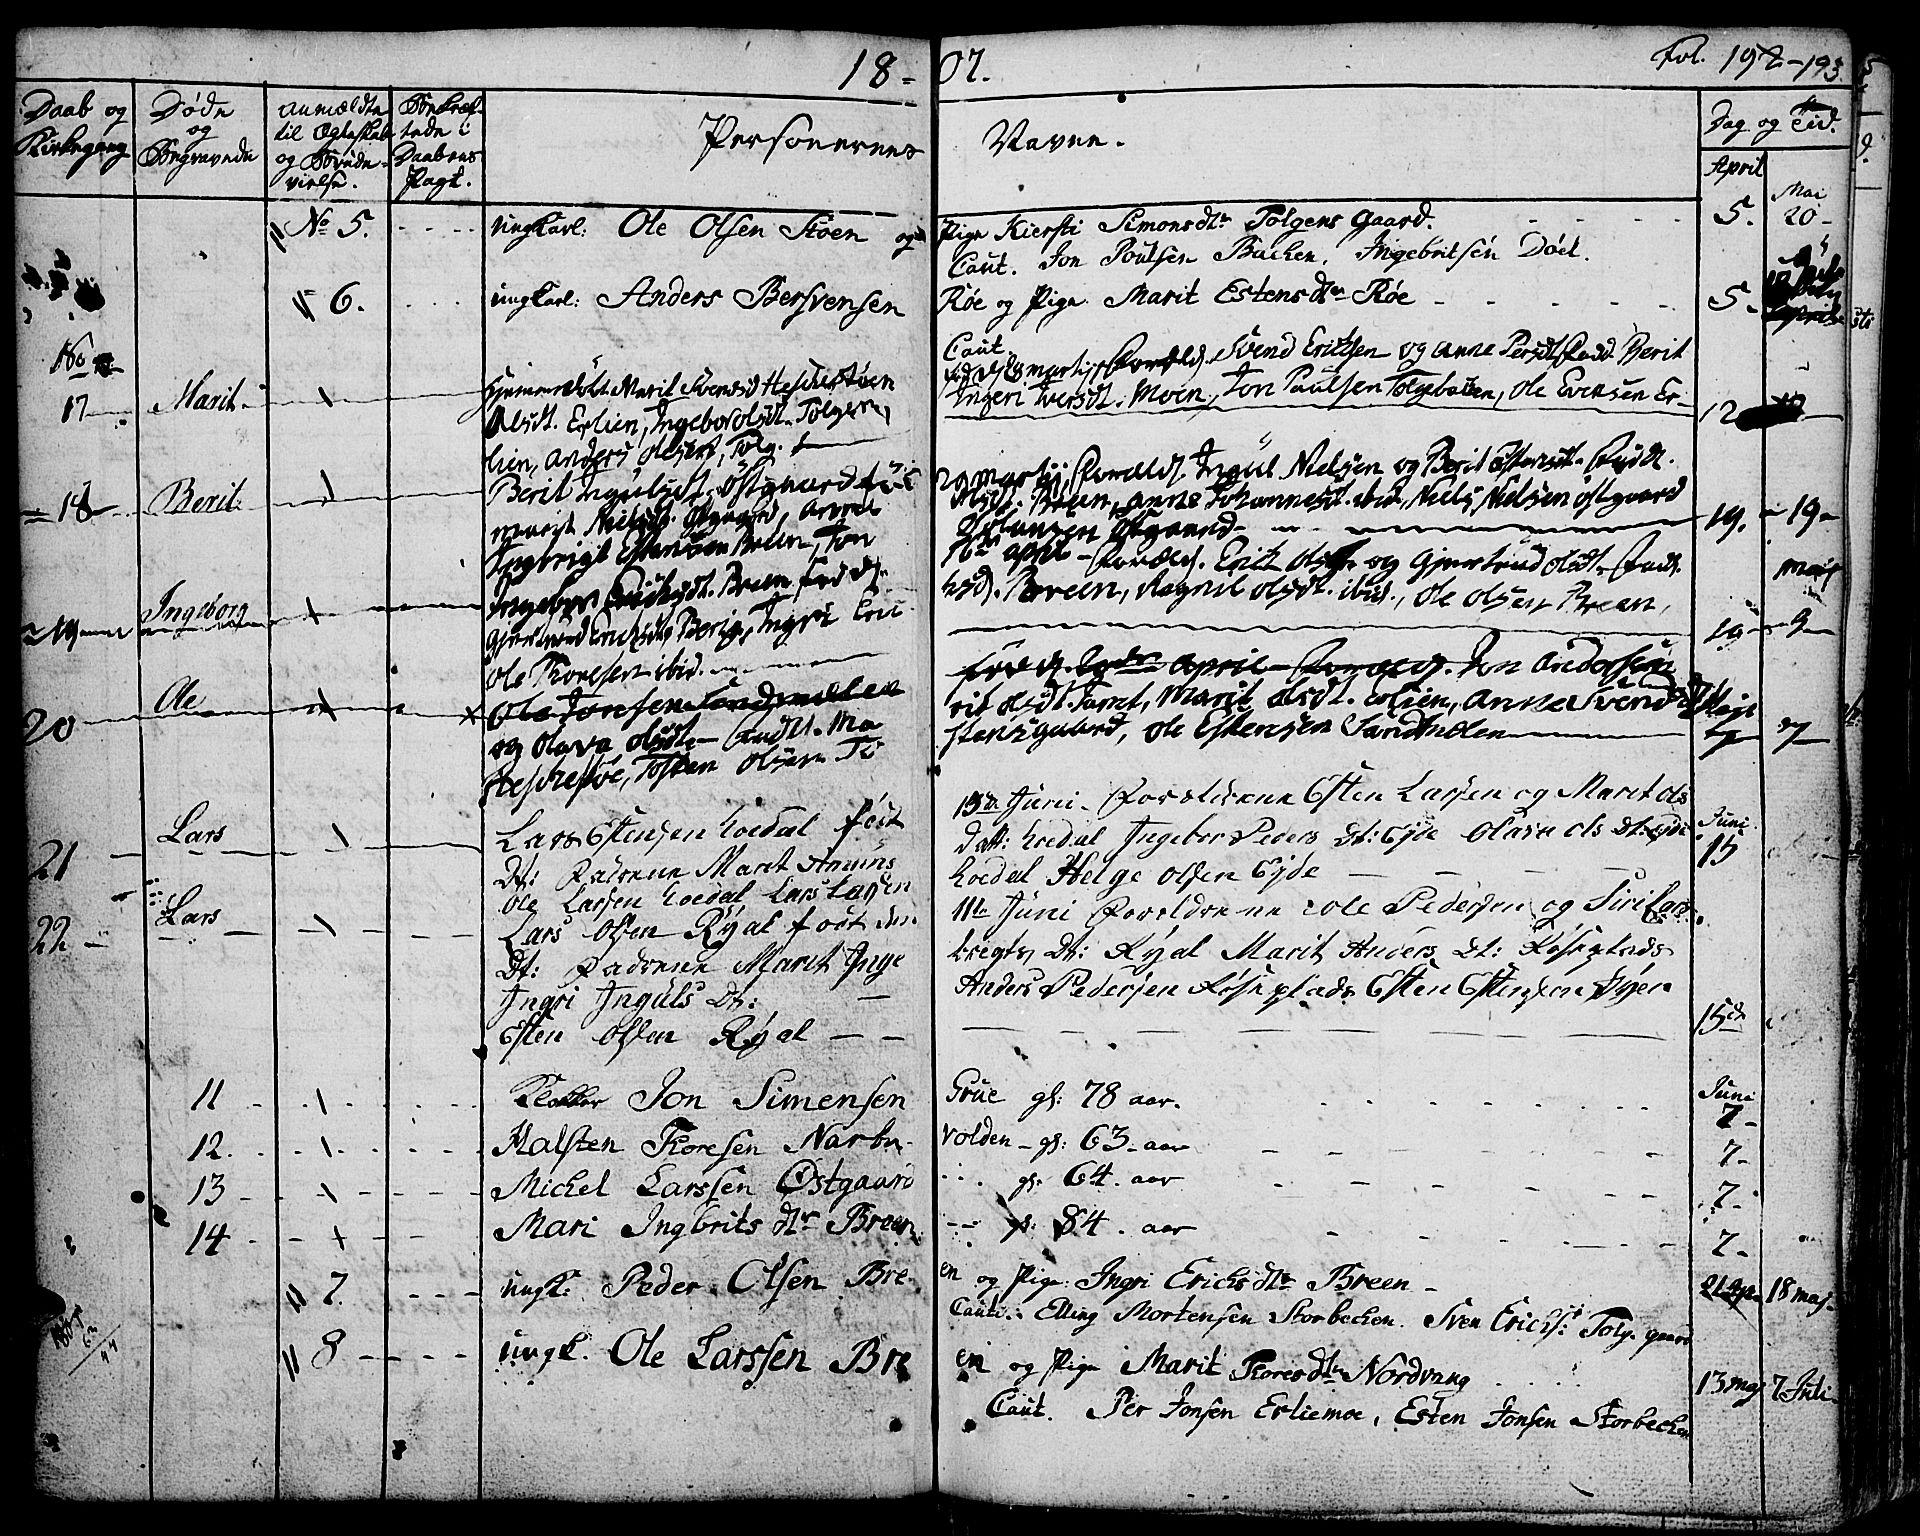 SAH, Tolga prestekontor, K/L0003: Ministerialbok nr. 3, 1786-1814, s. 193